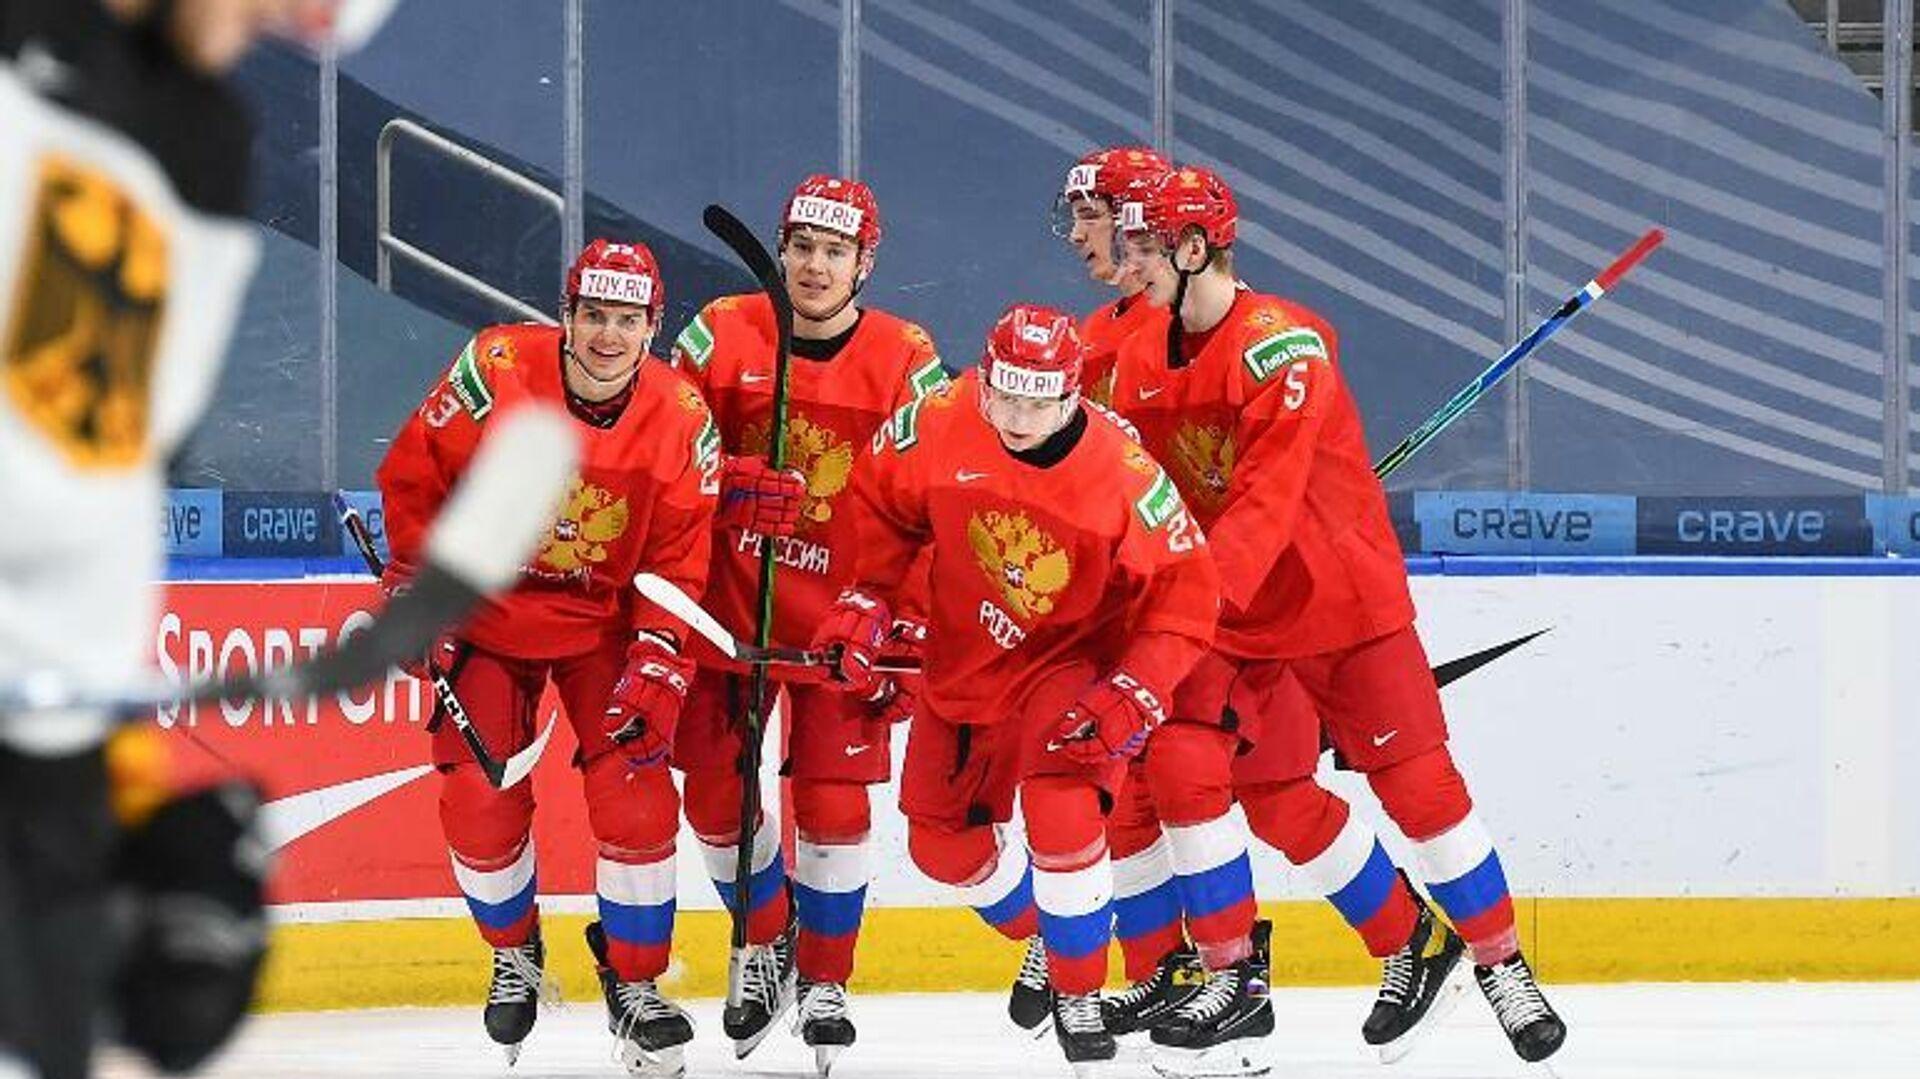 Хоккеисты сборной России - РИА Новости, 1920, 06.01.2021